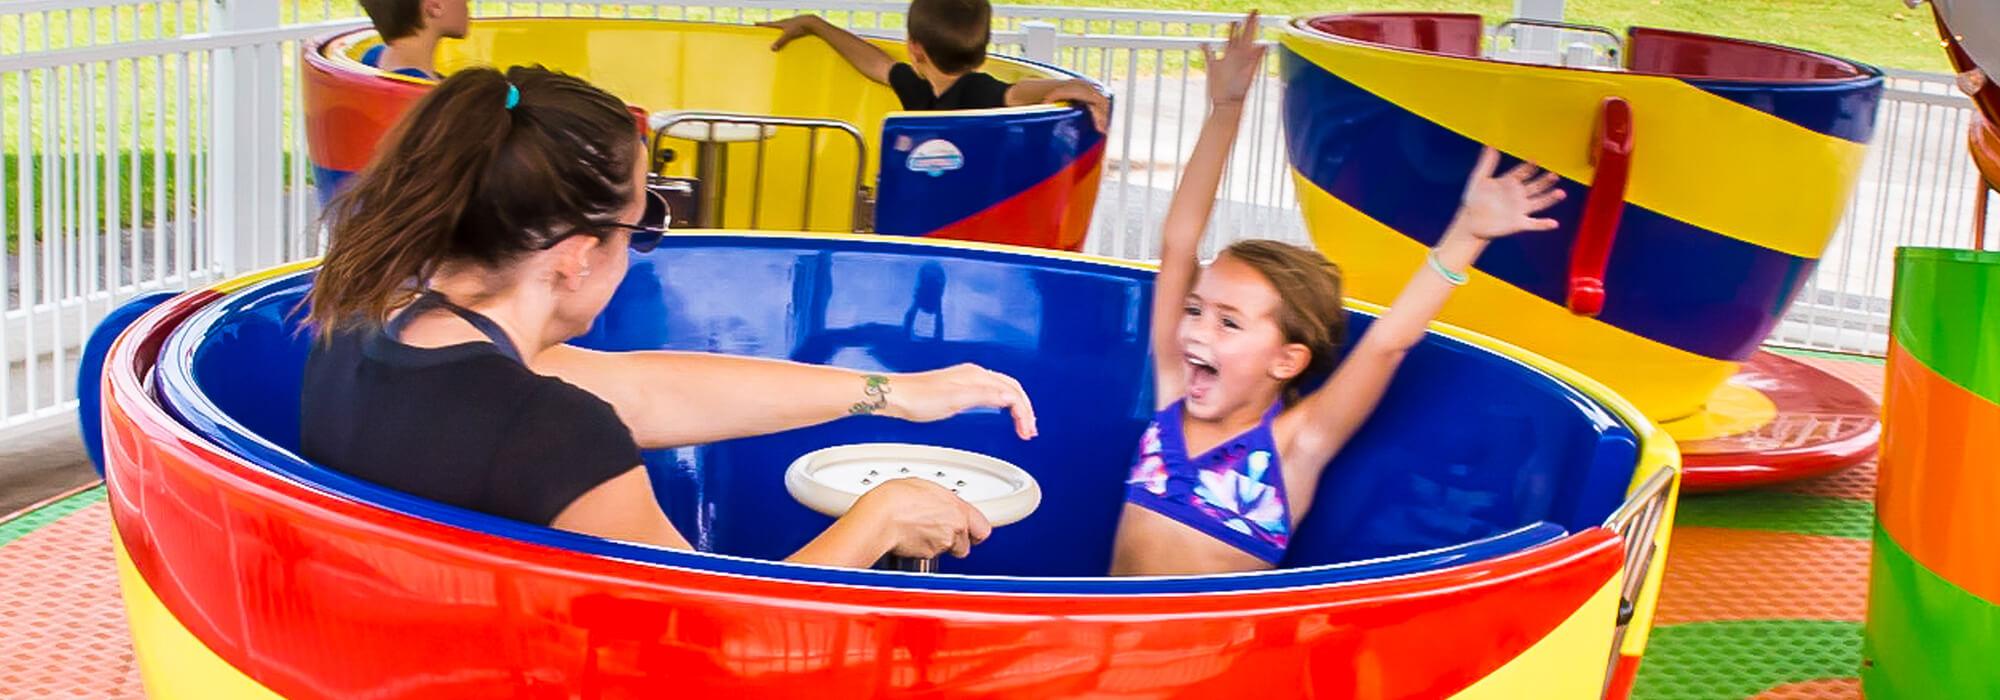 Tea Party   Beech Bend Amusement Park - Bowling Green, KY